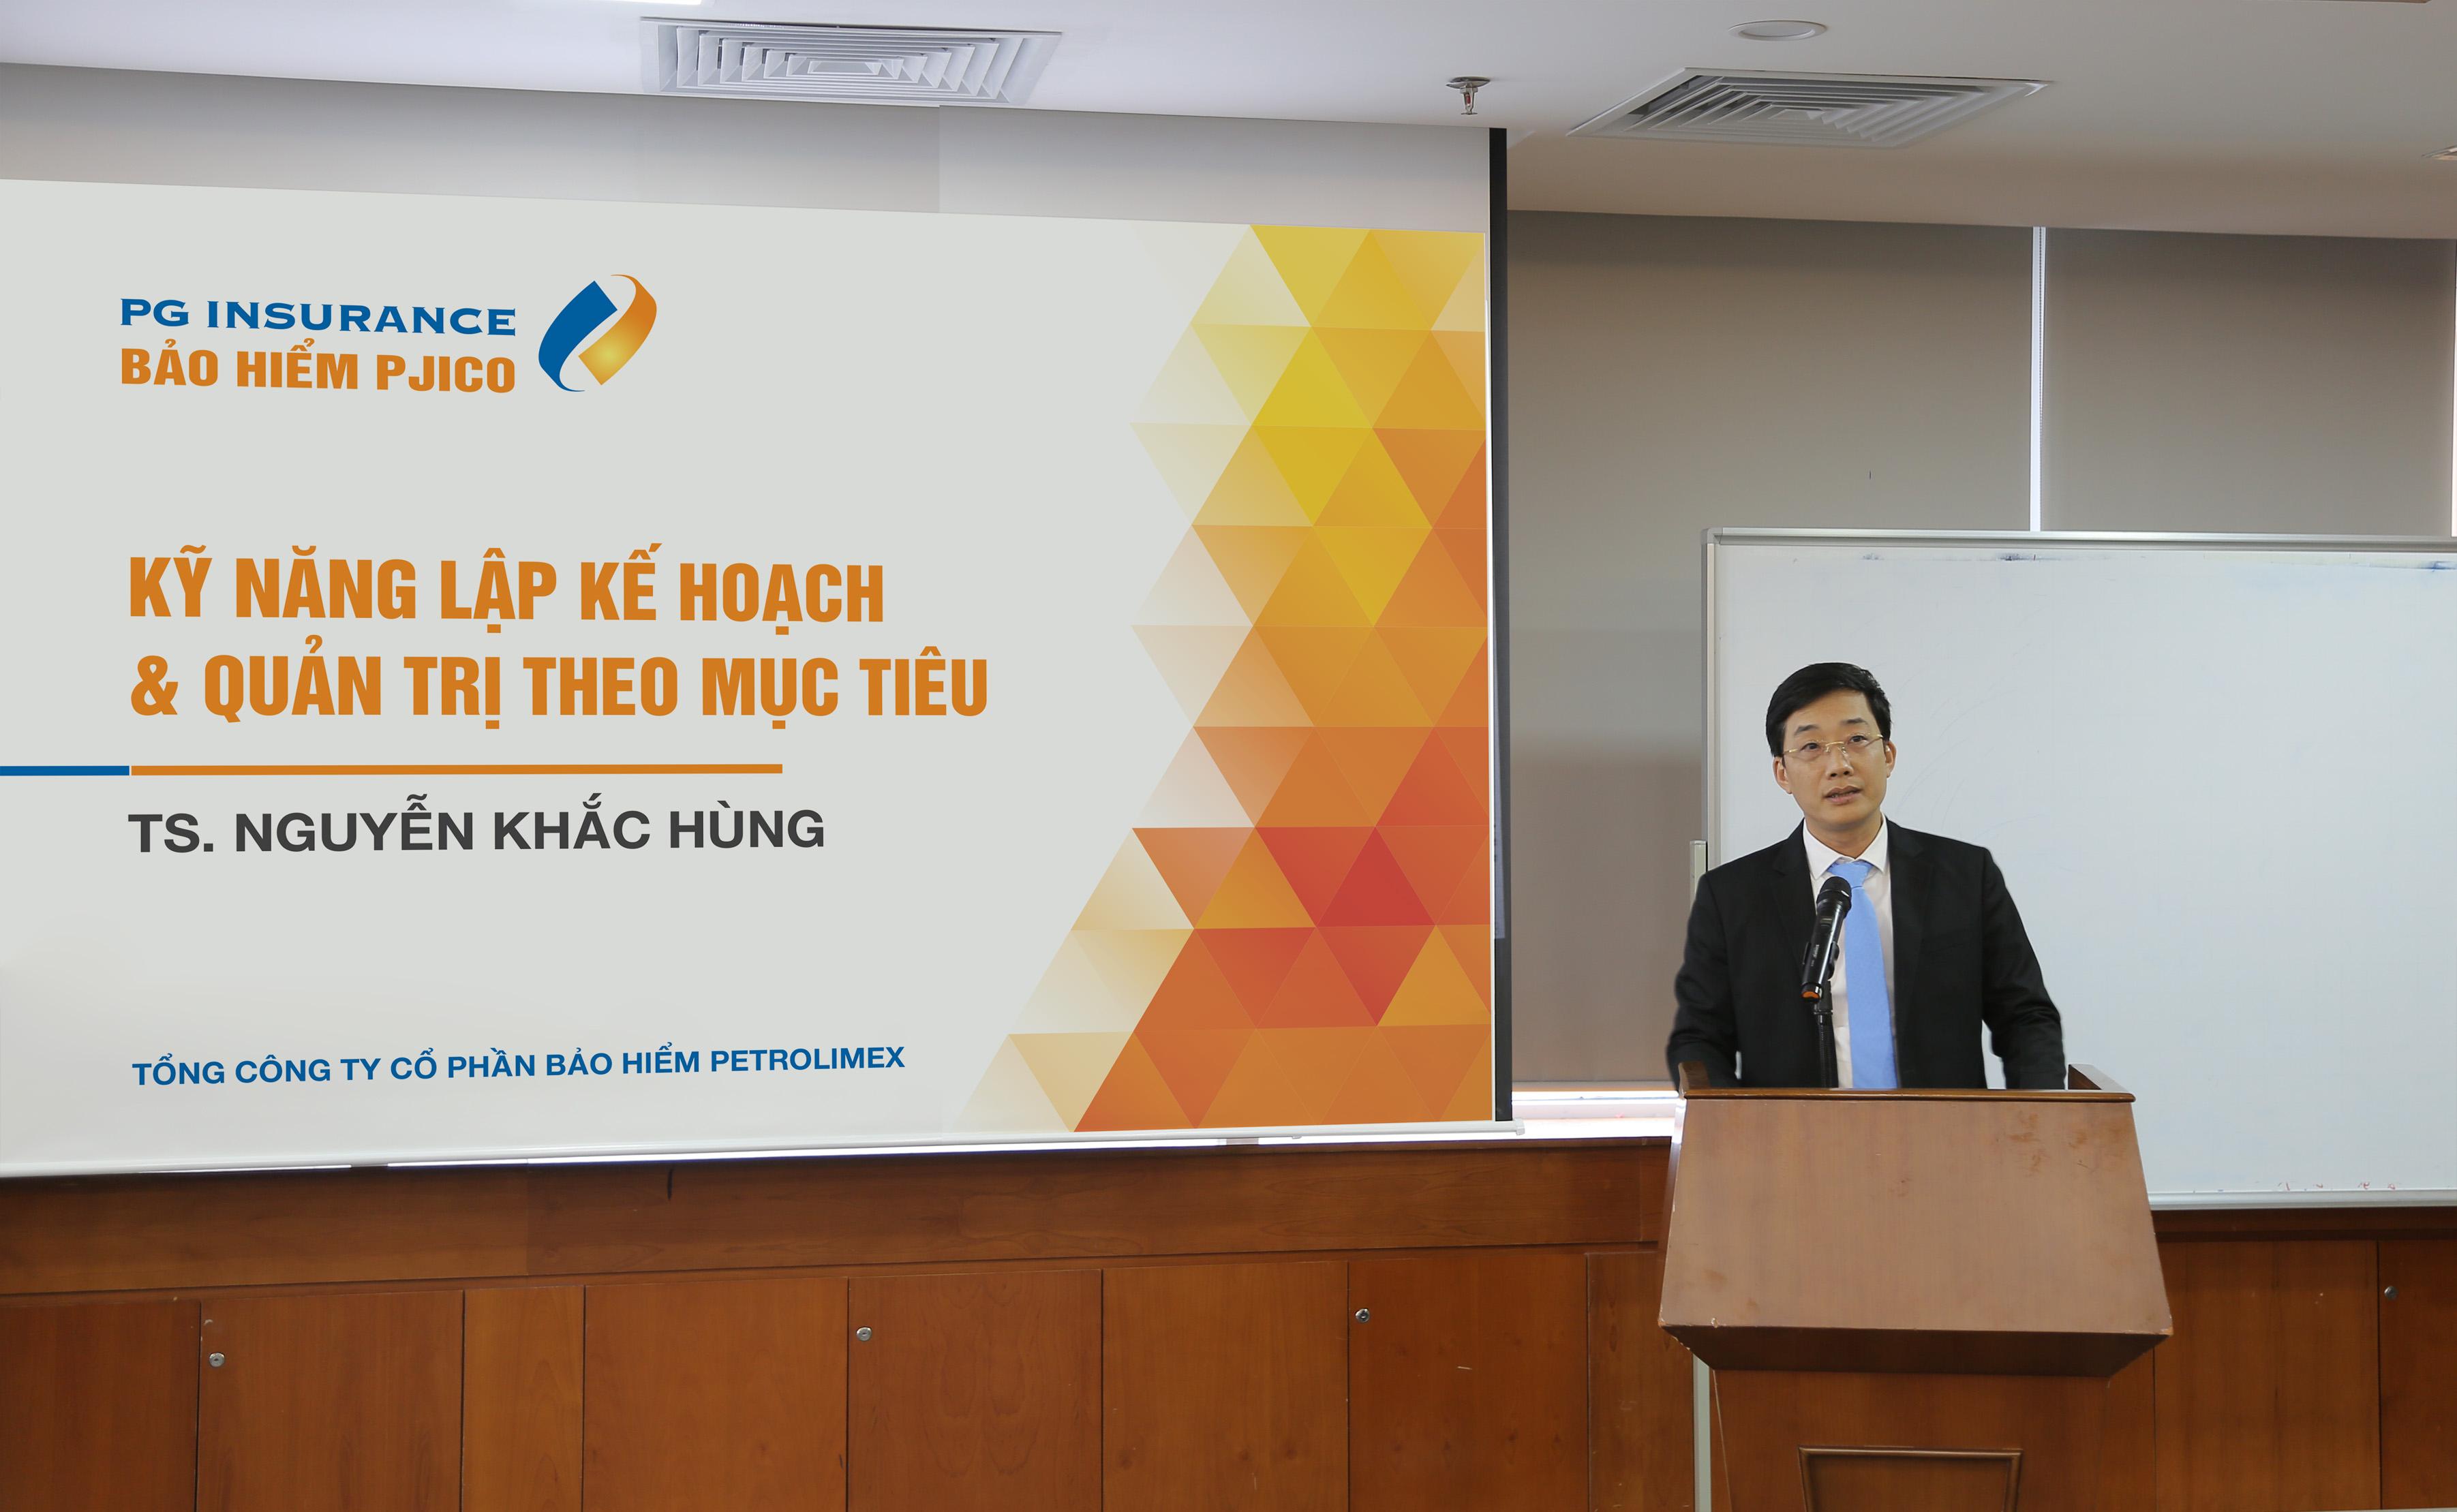 """PJICO tổ chức khóa đào tạo """"Kỹ năng Marketing và bán hàng"""" cho cán bộ cấp chuyên viên Tổng Công ty"""